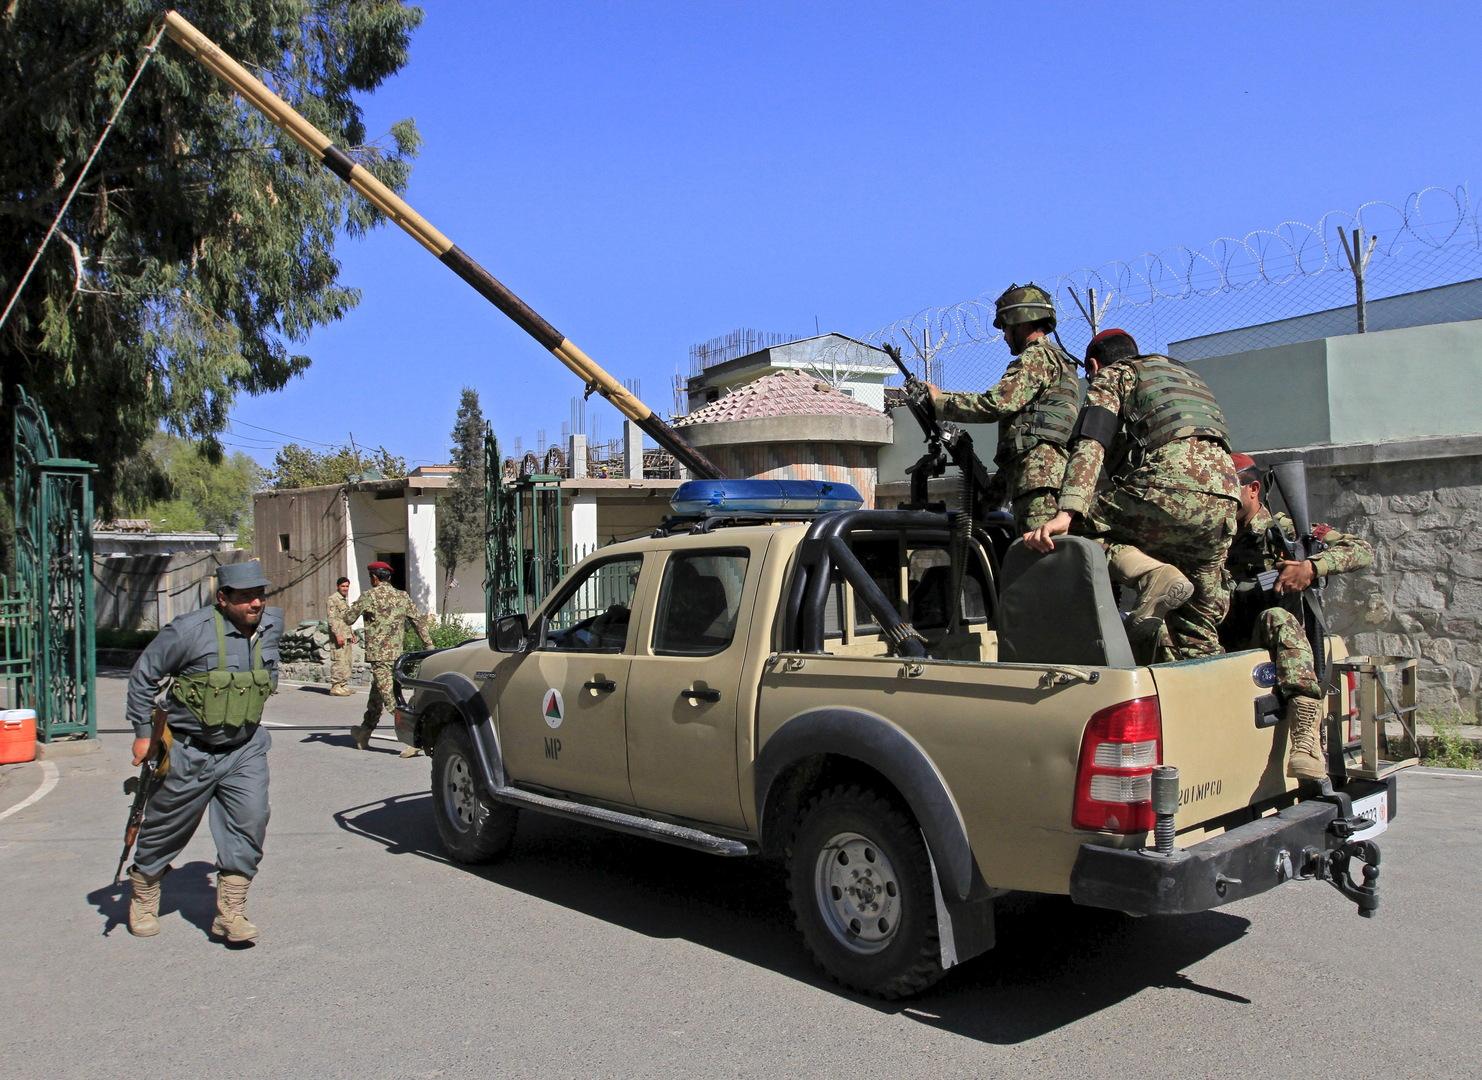 الجيش الأميركي يسند جوا القوات الأفغانية في صد هجوم لطالبان